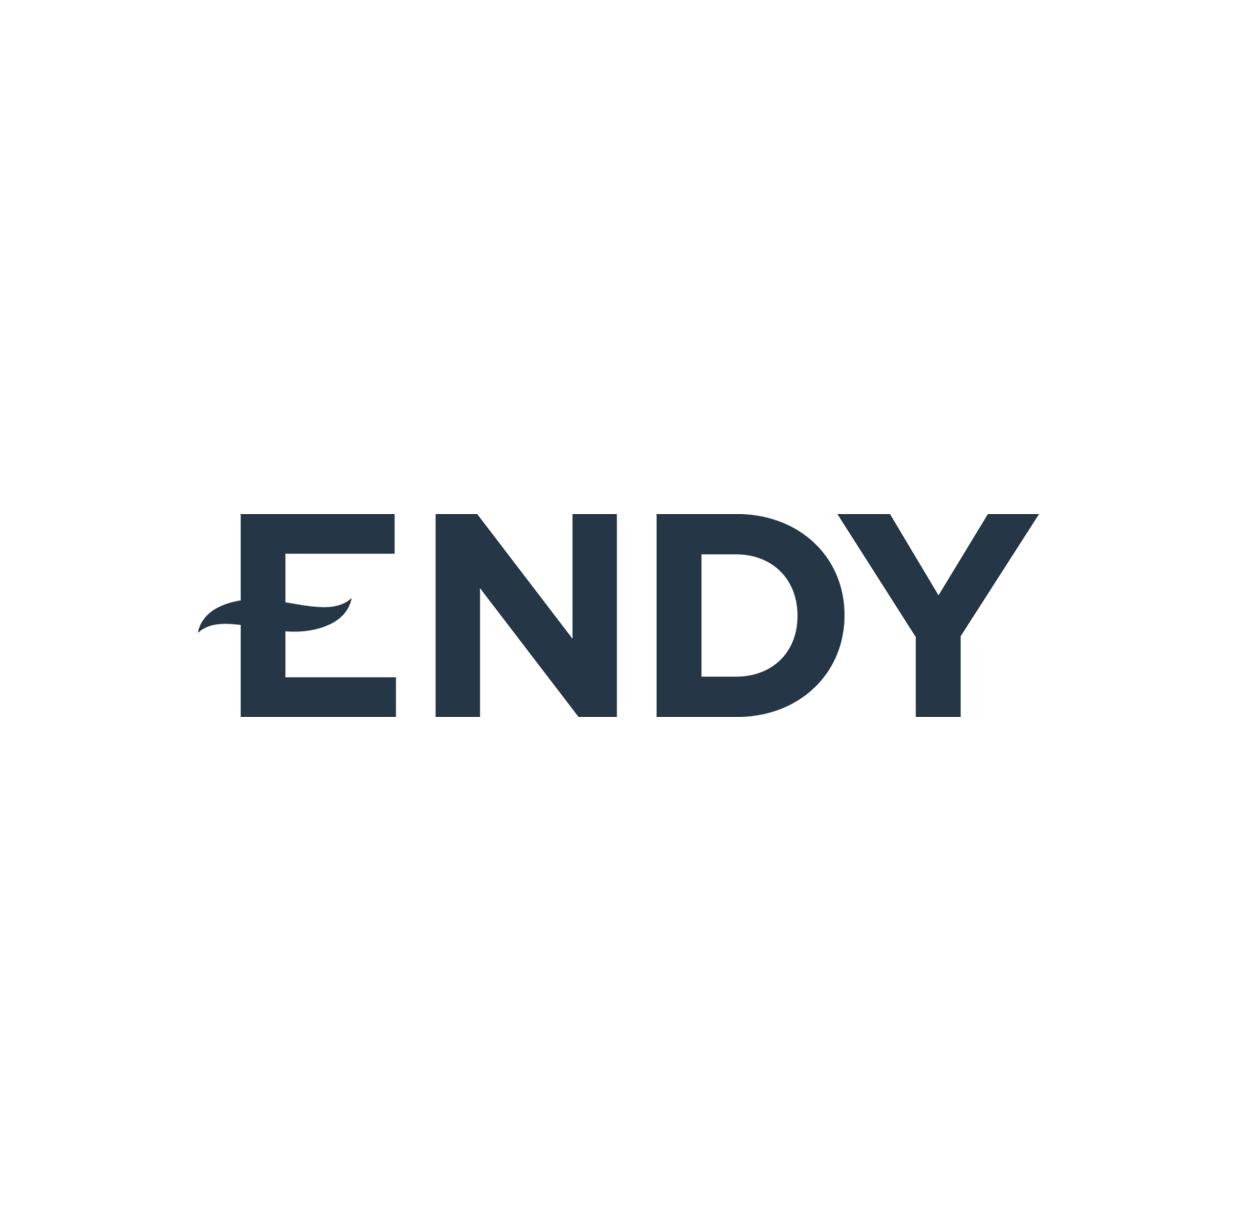 ENDY_LOGO.png